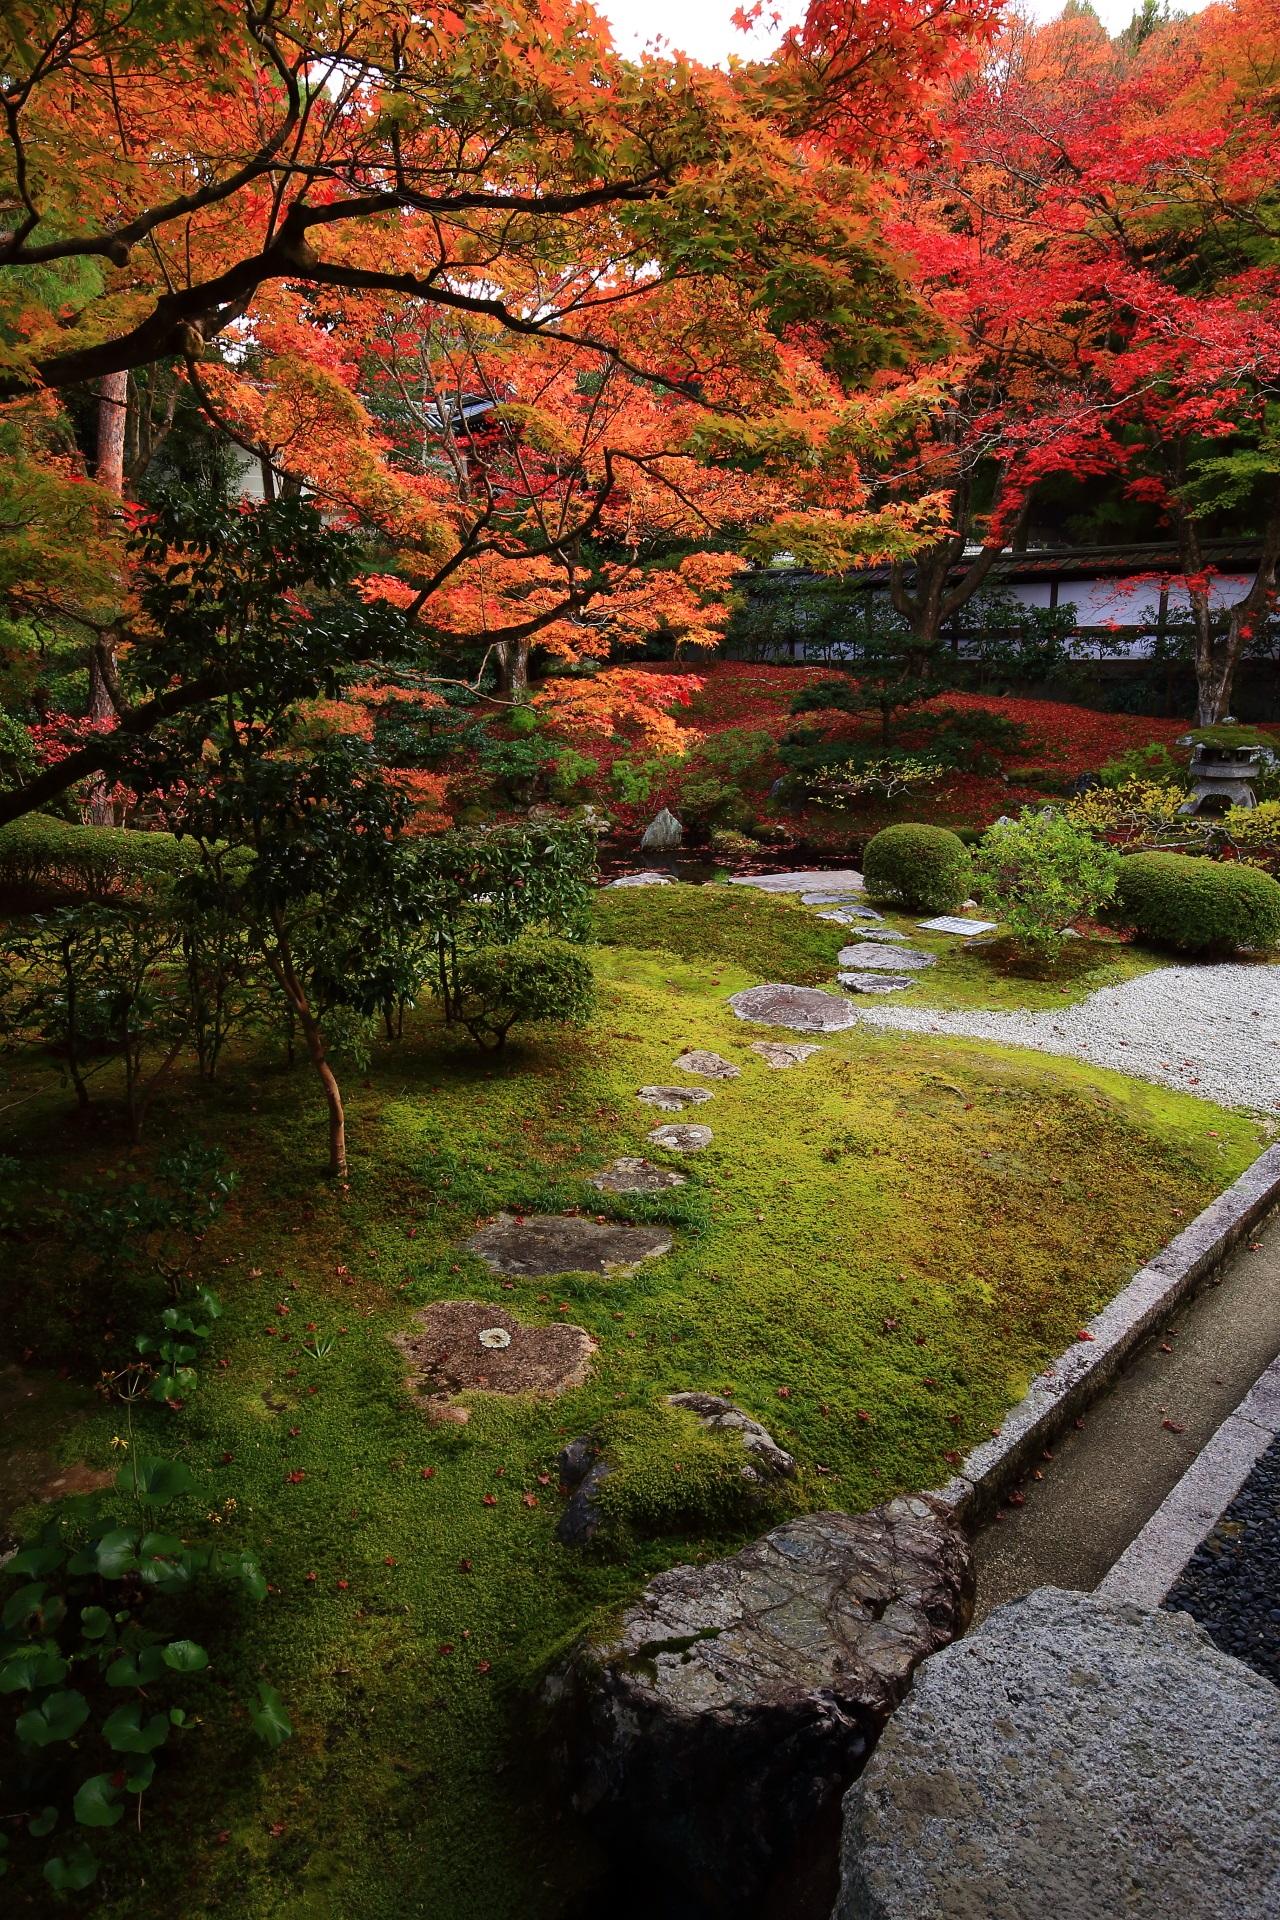 苔に飛び石の配された風情ある庭園の見事な紅葉